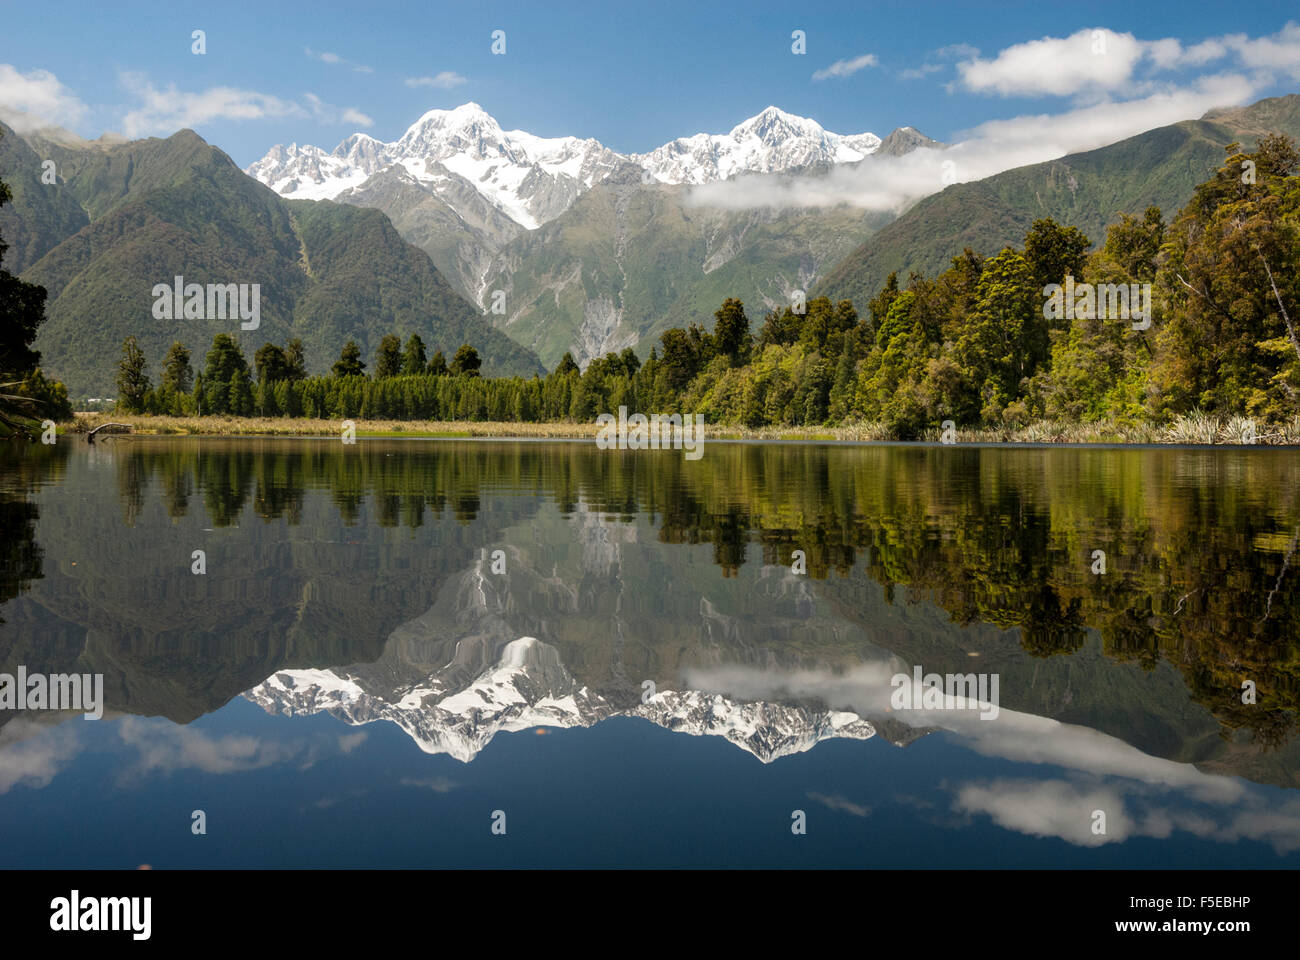 Alpi del Sud dal lago Matheson, villaggio Fox Glacier, Westland, South Island, in Nuova Zelanda, Pacific Immagini Stock